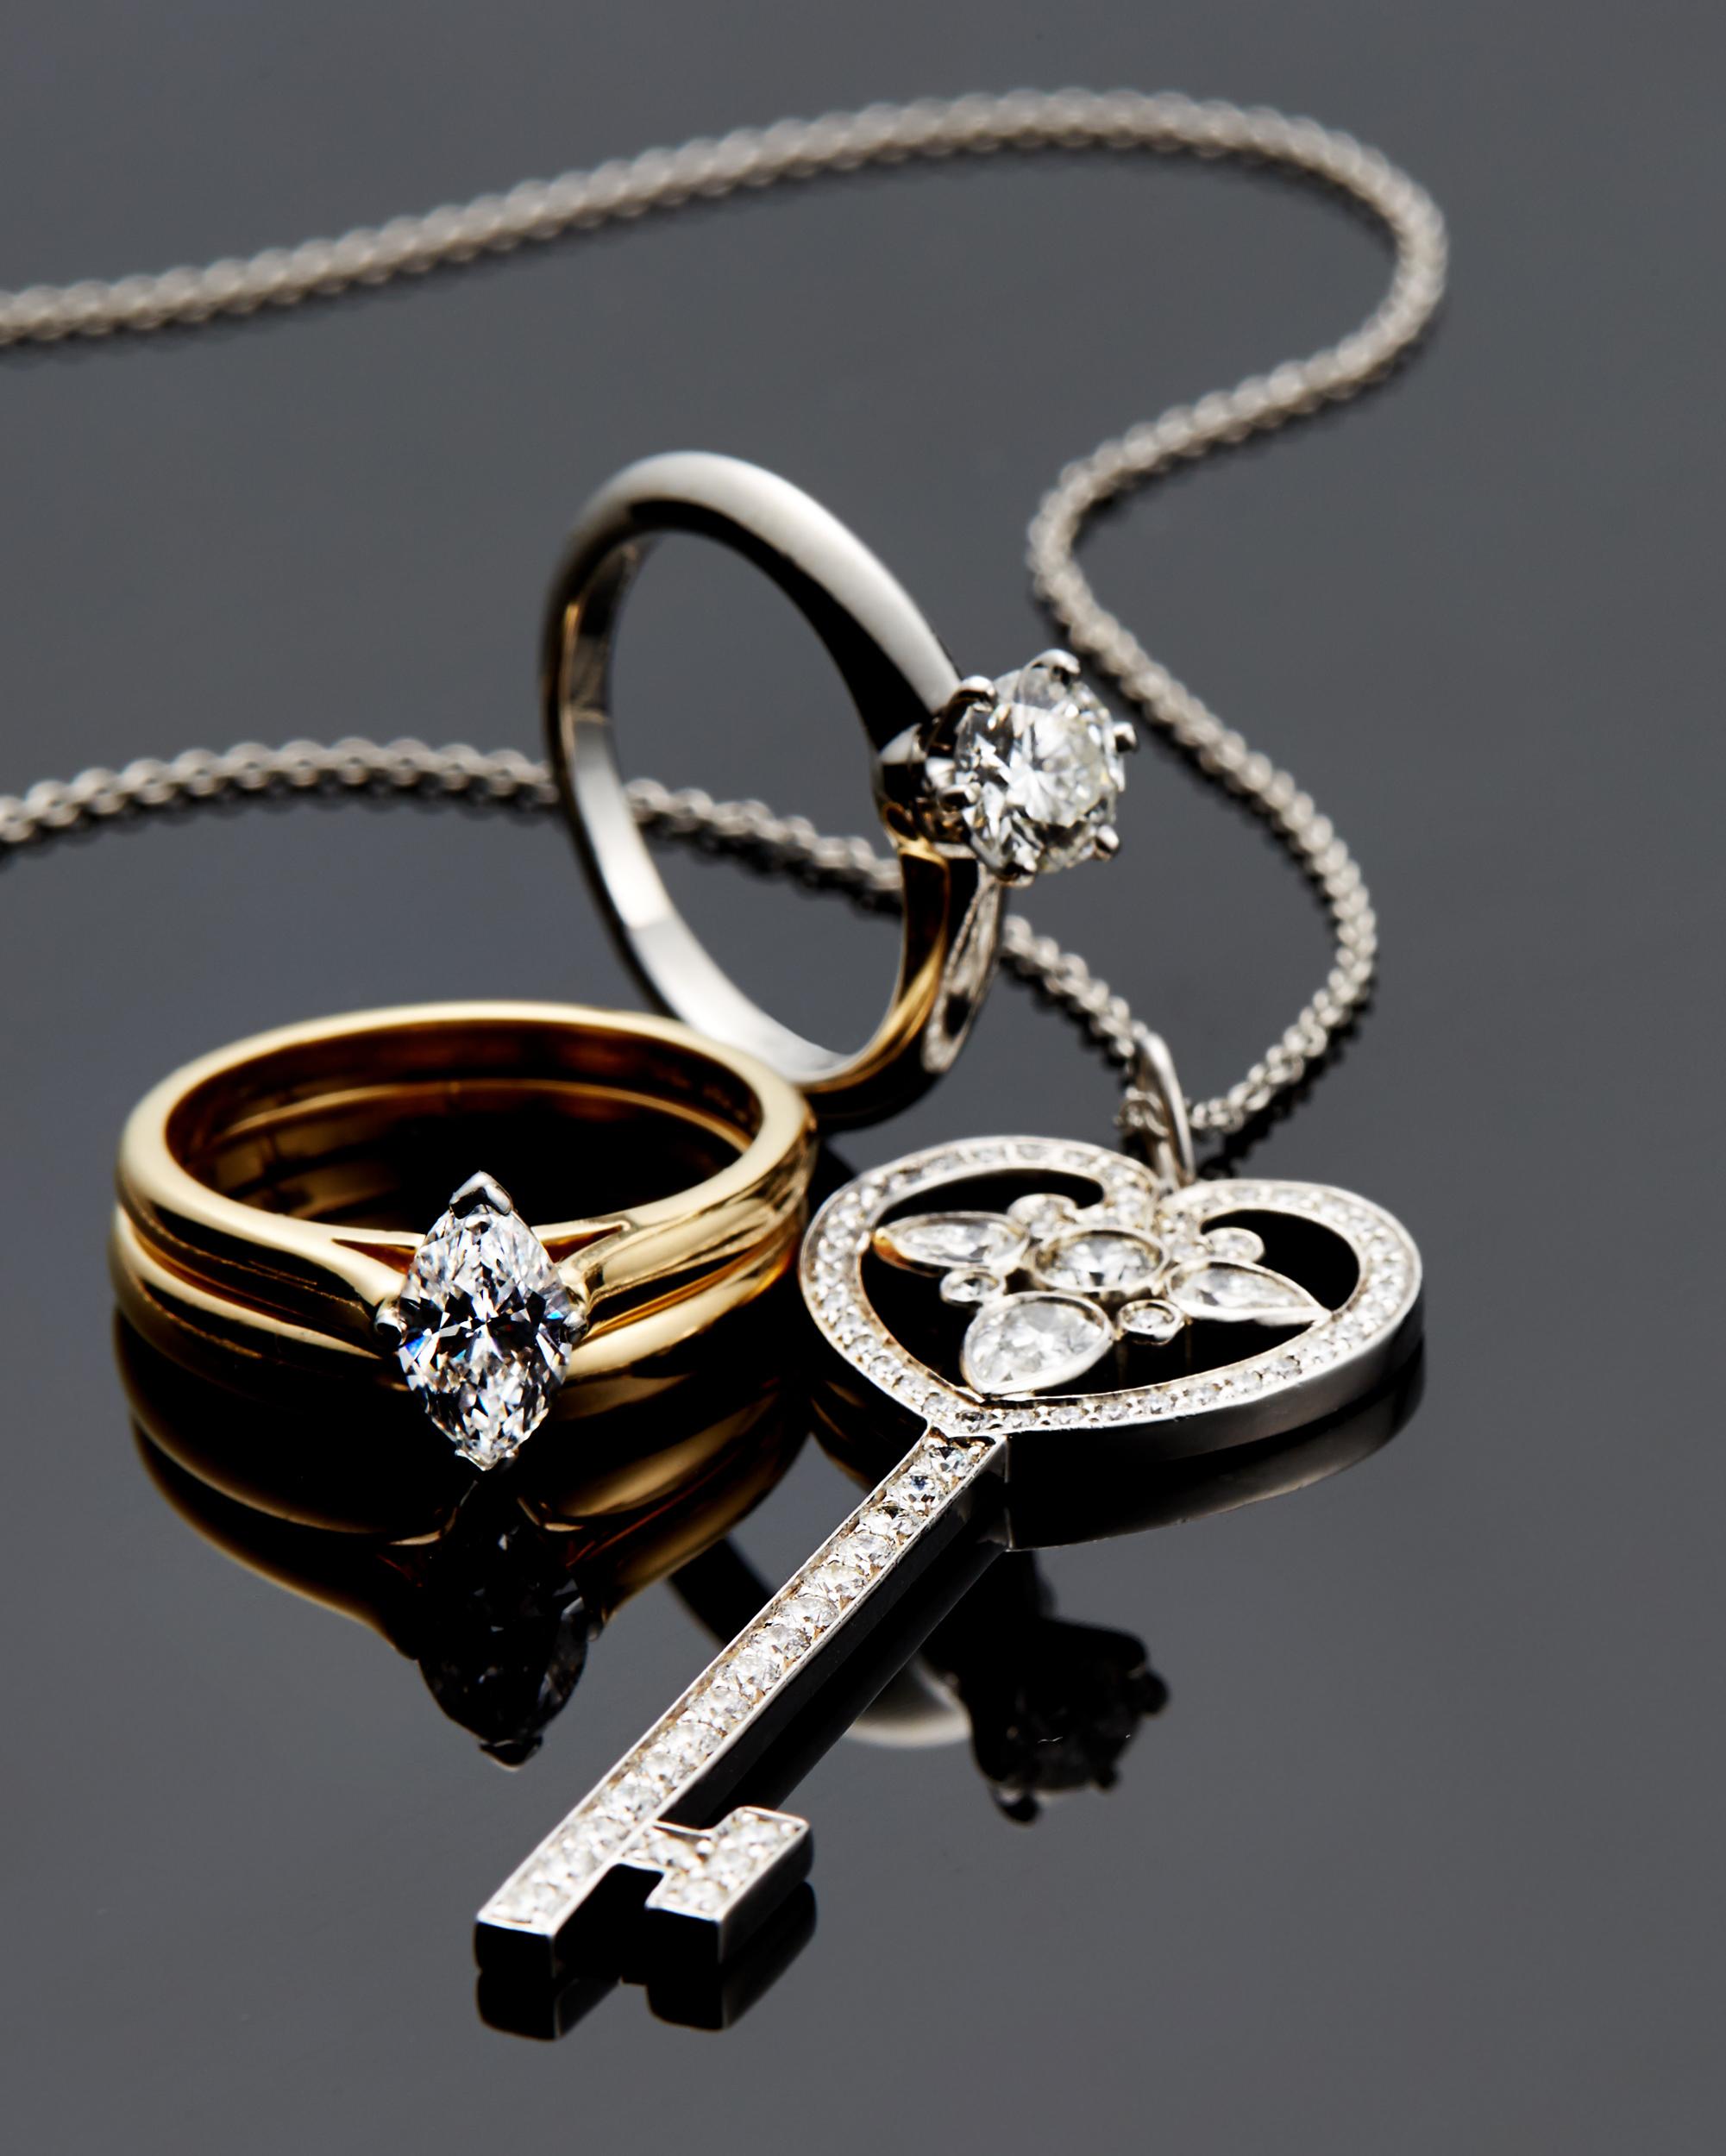 Estate_Jewelry_Tiffany_Fine_Jewelry_1093336547_Editorial.jpg